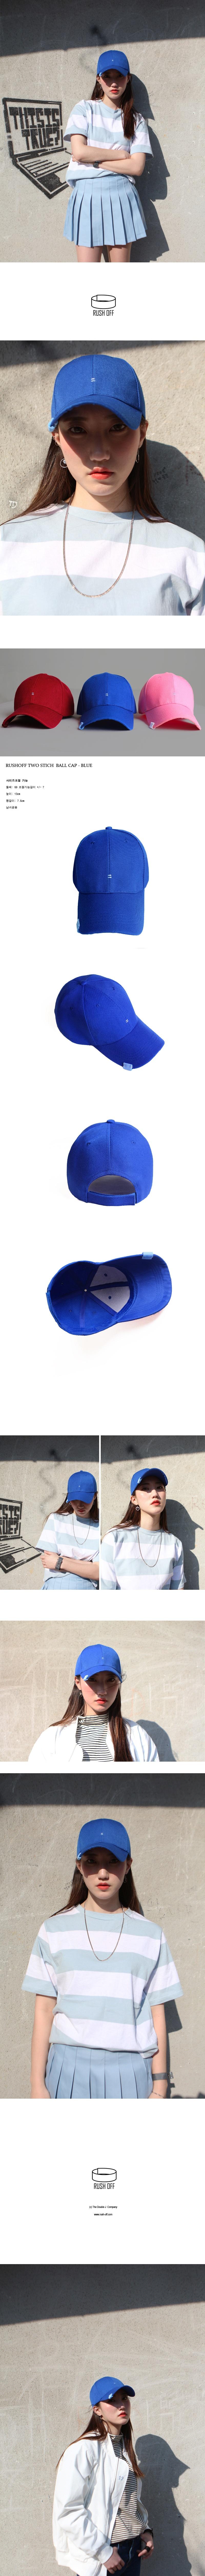 러쉬오프(RUSH OFF) [UNISEX] TWO STICH BALL CAP - BLUE / 투 스티치 볼캡 - 블루